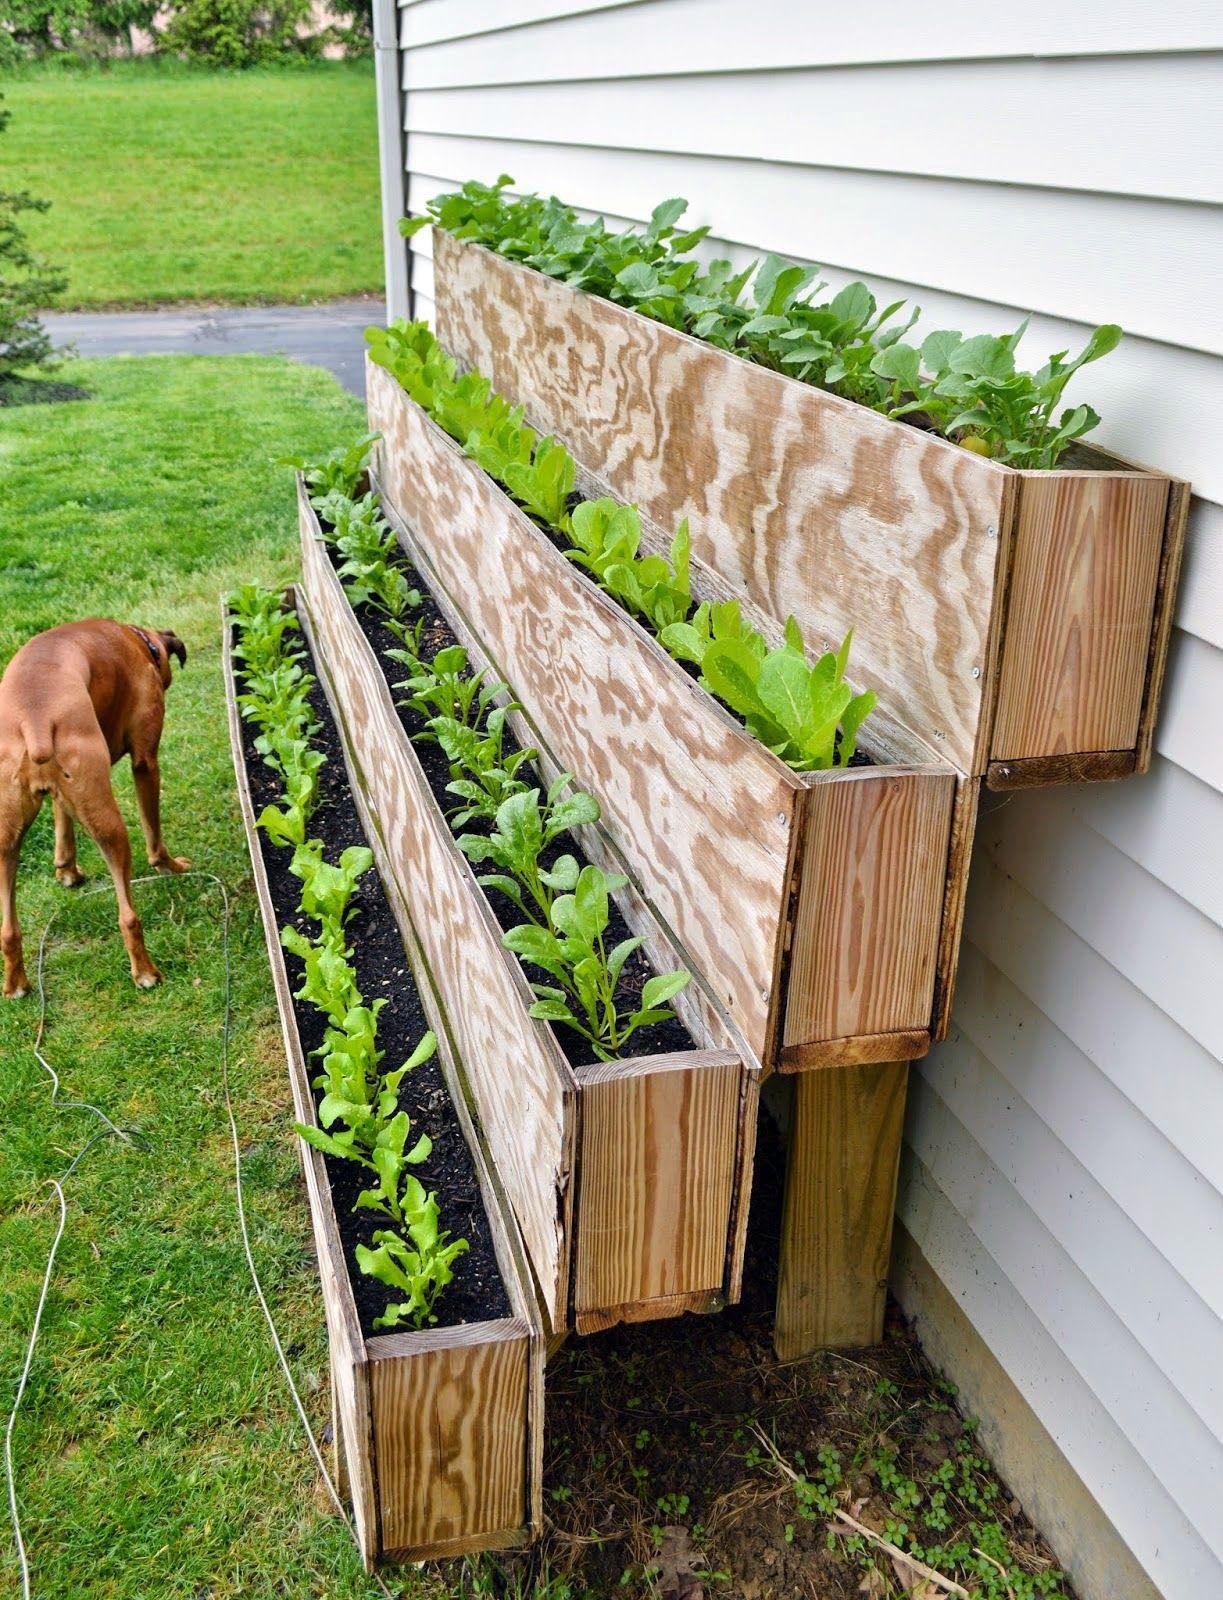 Farmer Boxes You Ll Intend To Do It Yourself Today Urban Garden Vertical Vegetable Garden Growing Food Urban backyard farming ideas